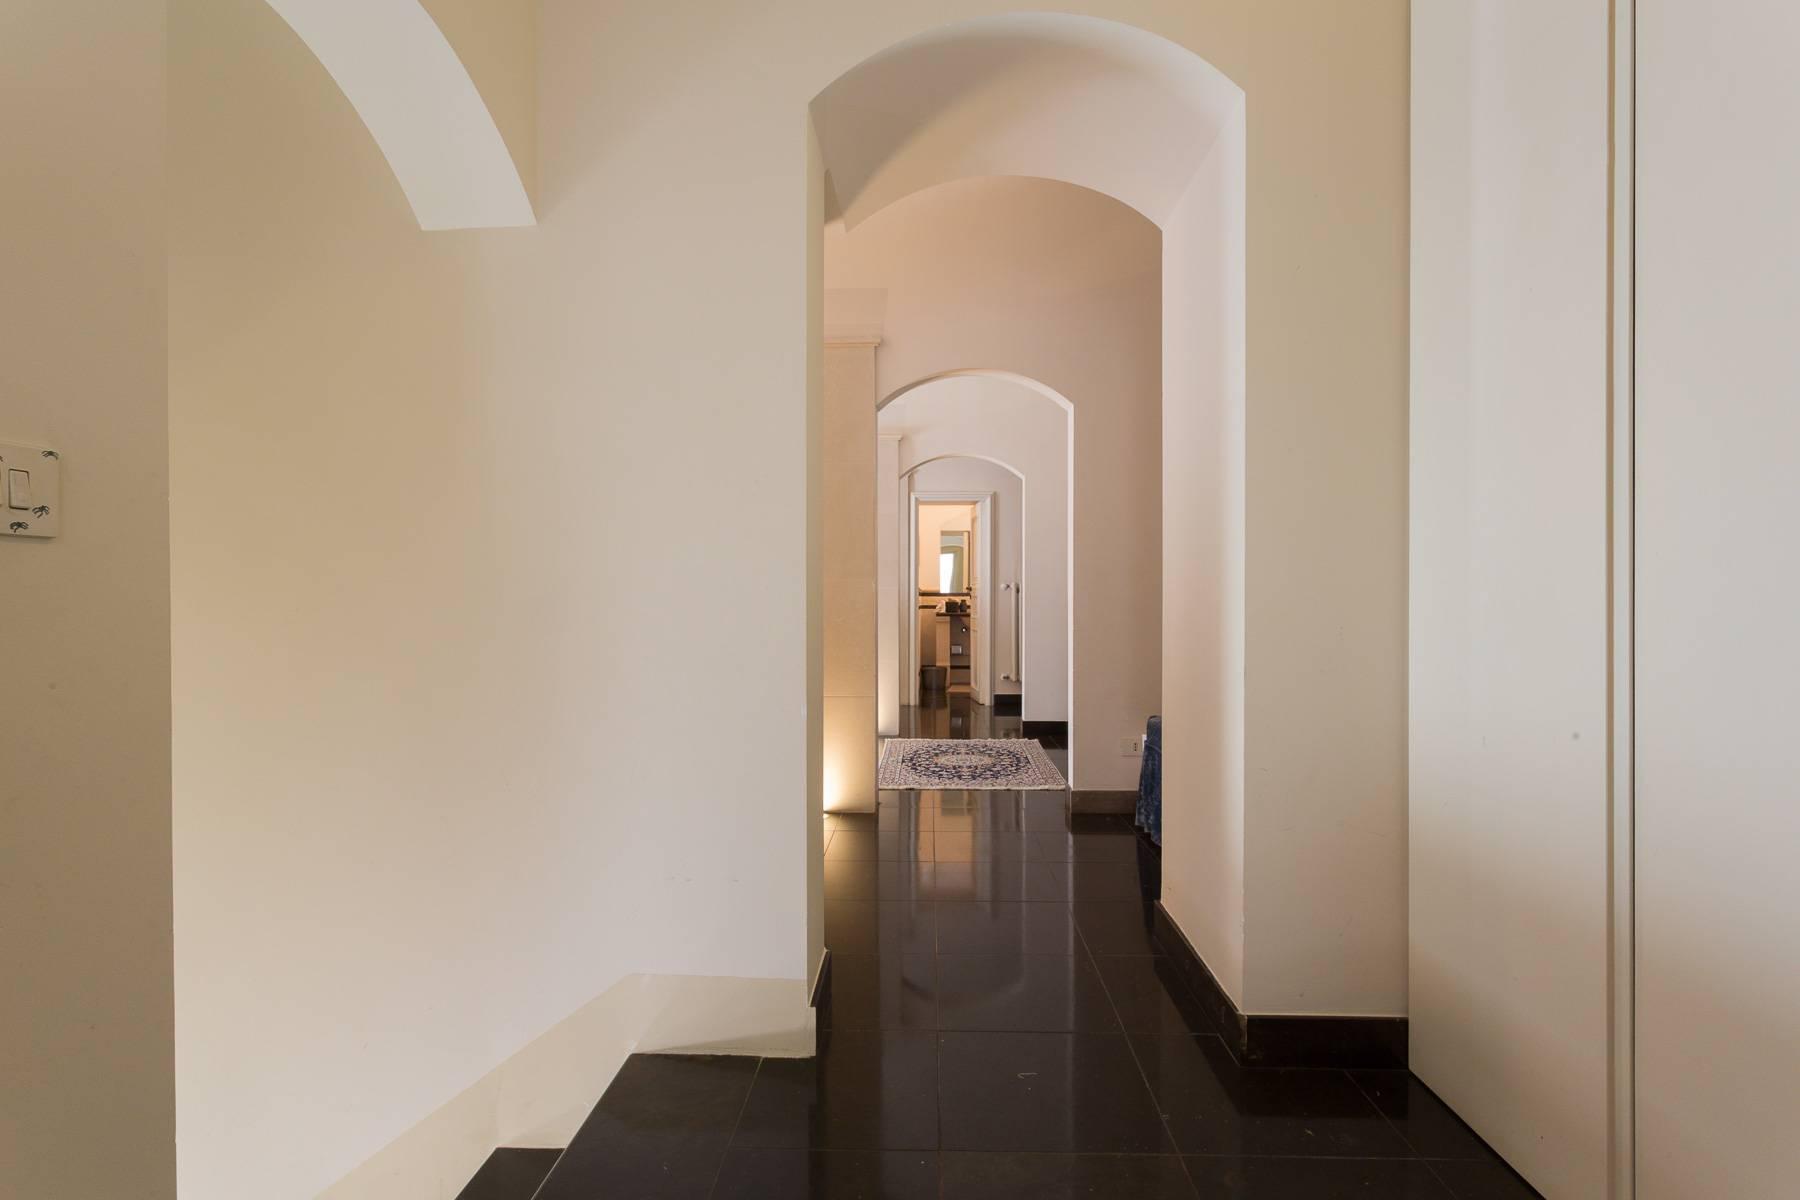 Casa indipendente in Vendita a Ragusa: 5 locali, 200 mq - Foto 21